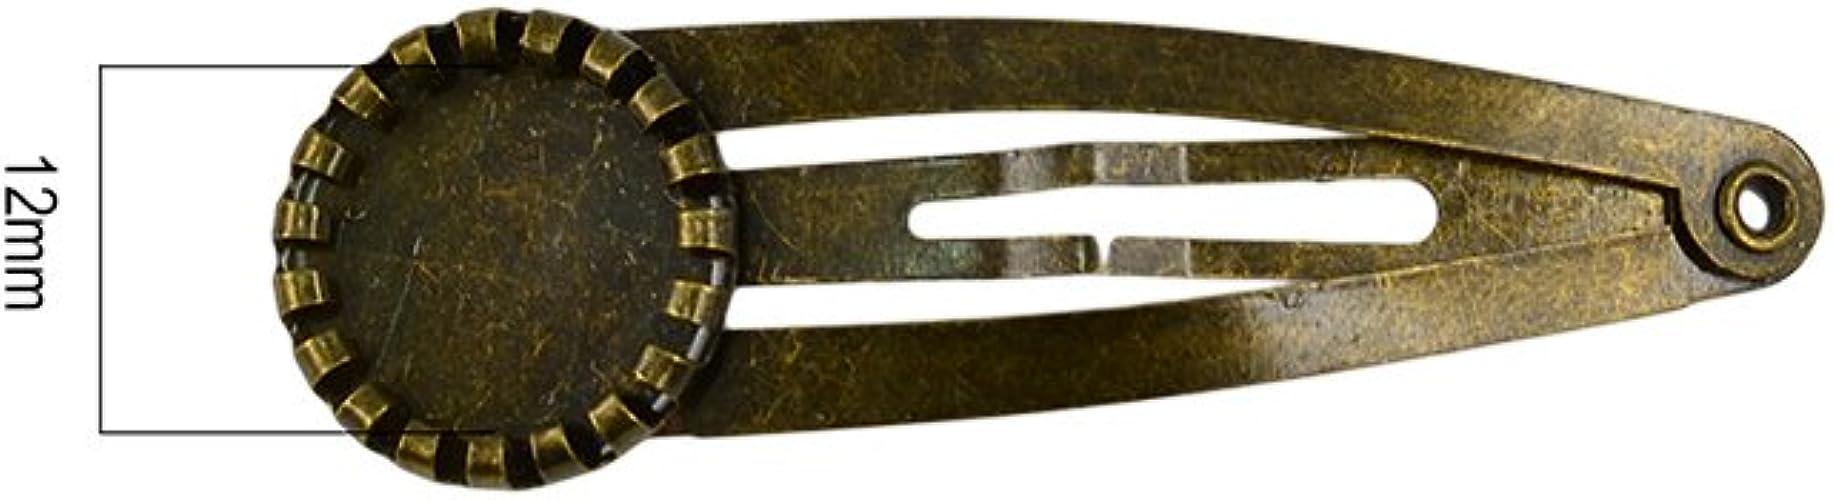 MagiDeal 10x Barrette Snap Pince /à Cheveux 12mm Rond Fleur Bezel Snap Clip Antique Bronze